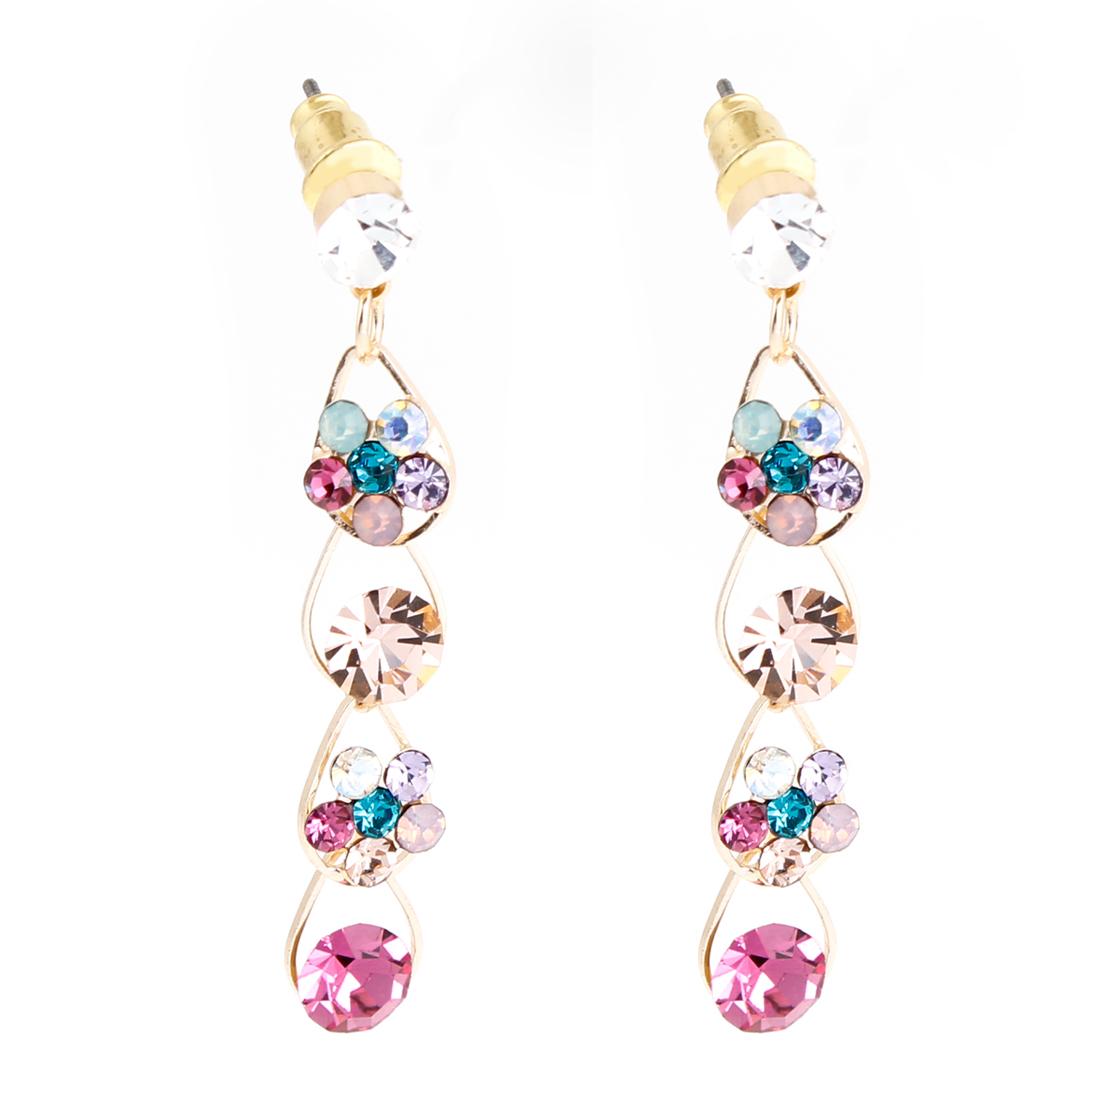 Rhinestone Inlaid Waterdrop Design Dangling Stud Earrings for Lady